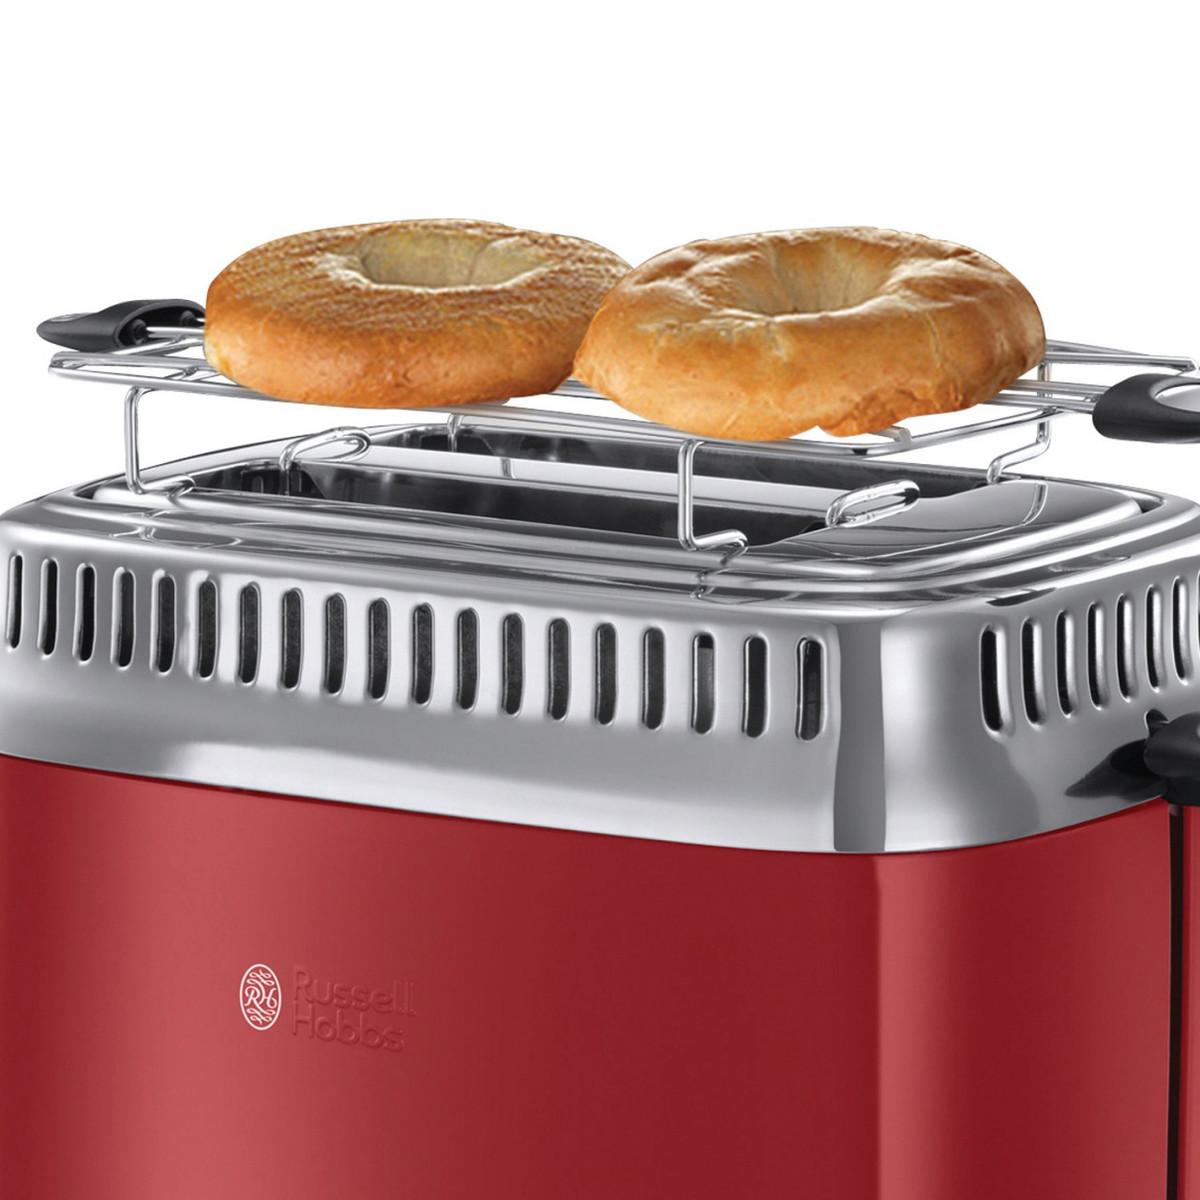 Bild 5 von Russell Hobbs Retro Ribbon Red Toaster